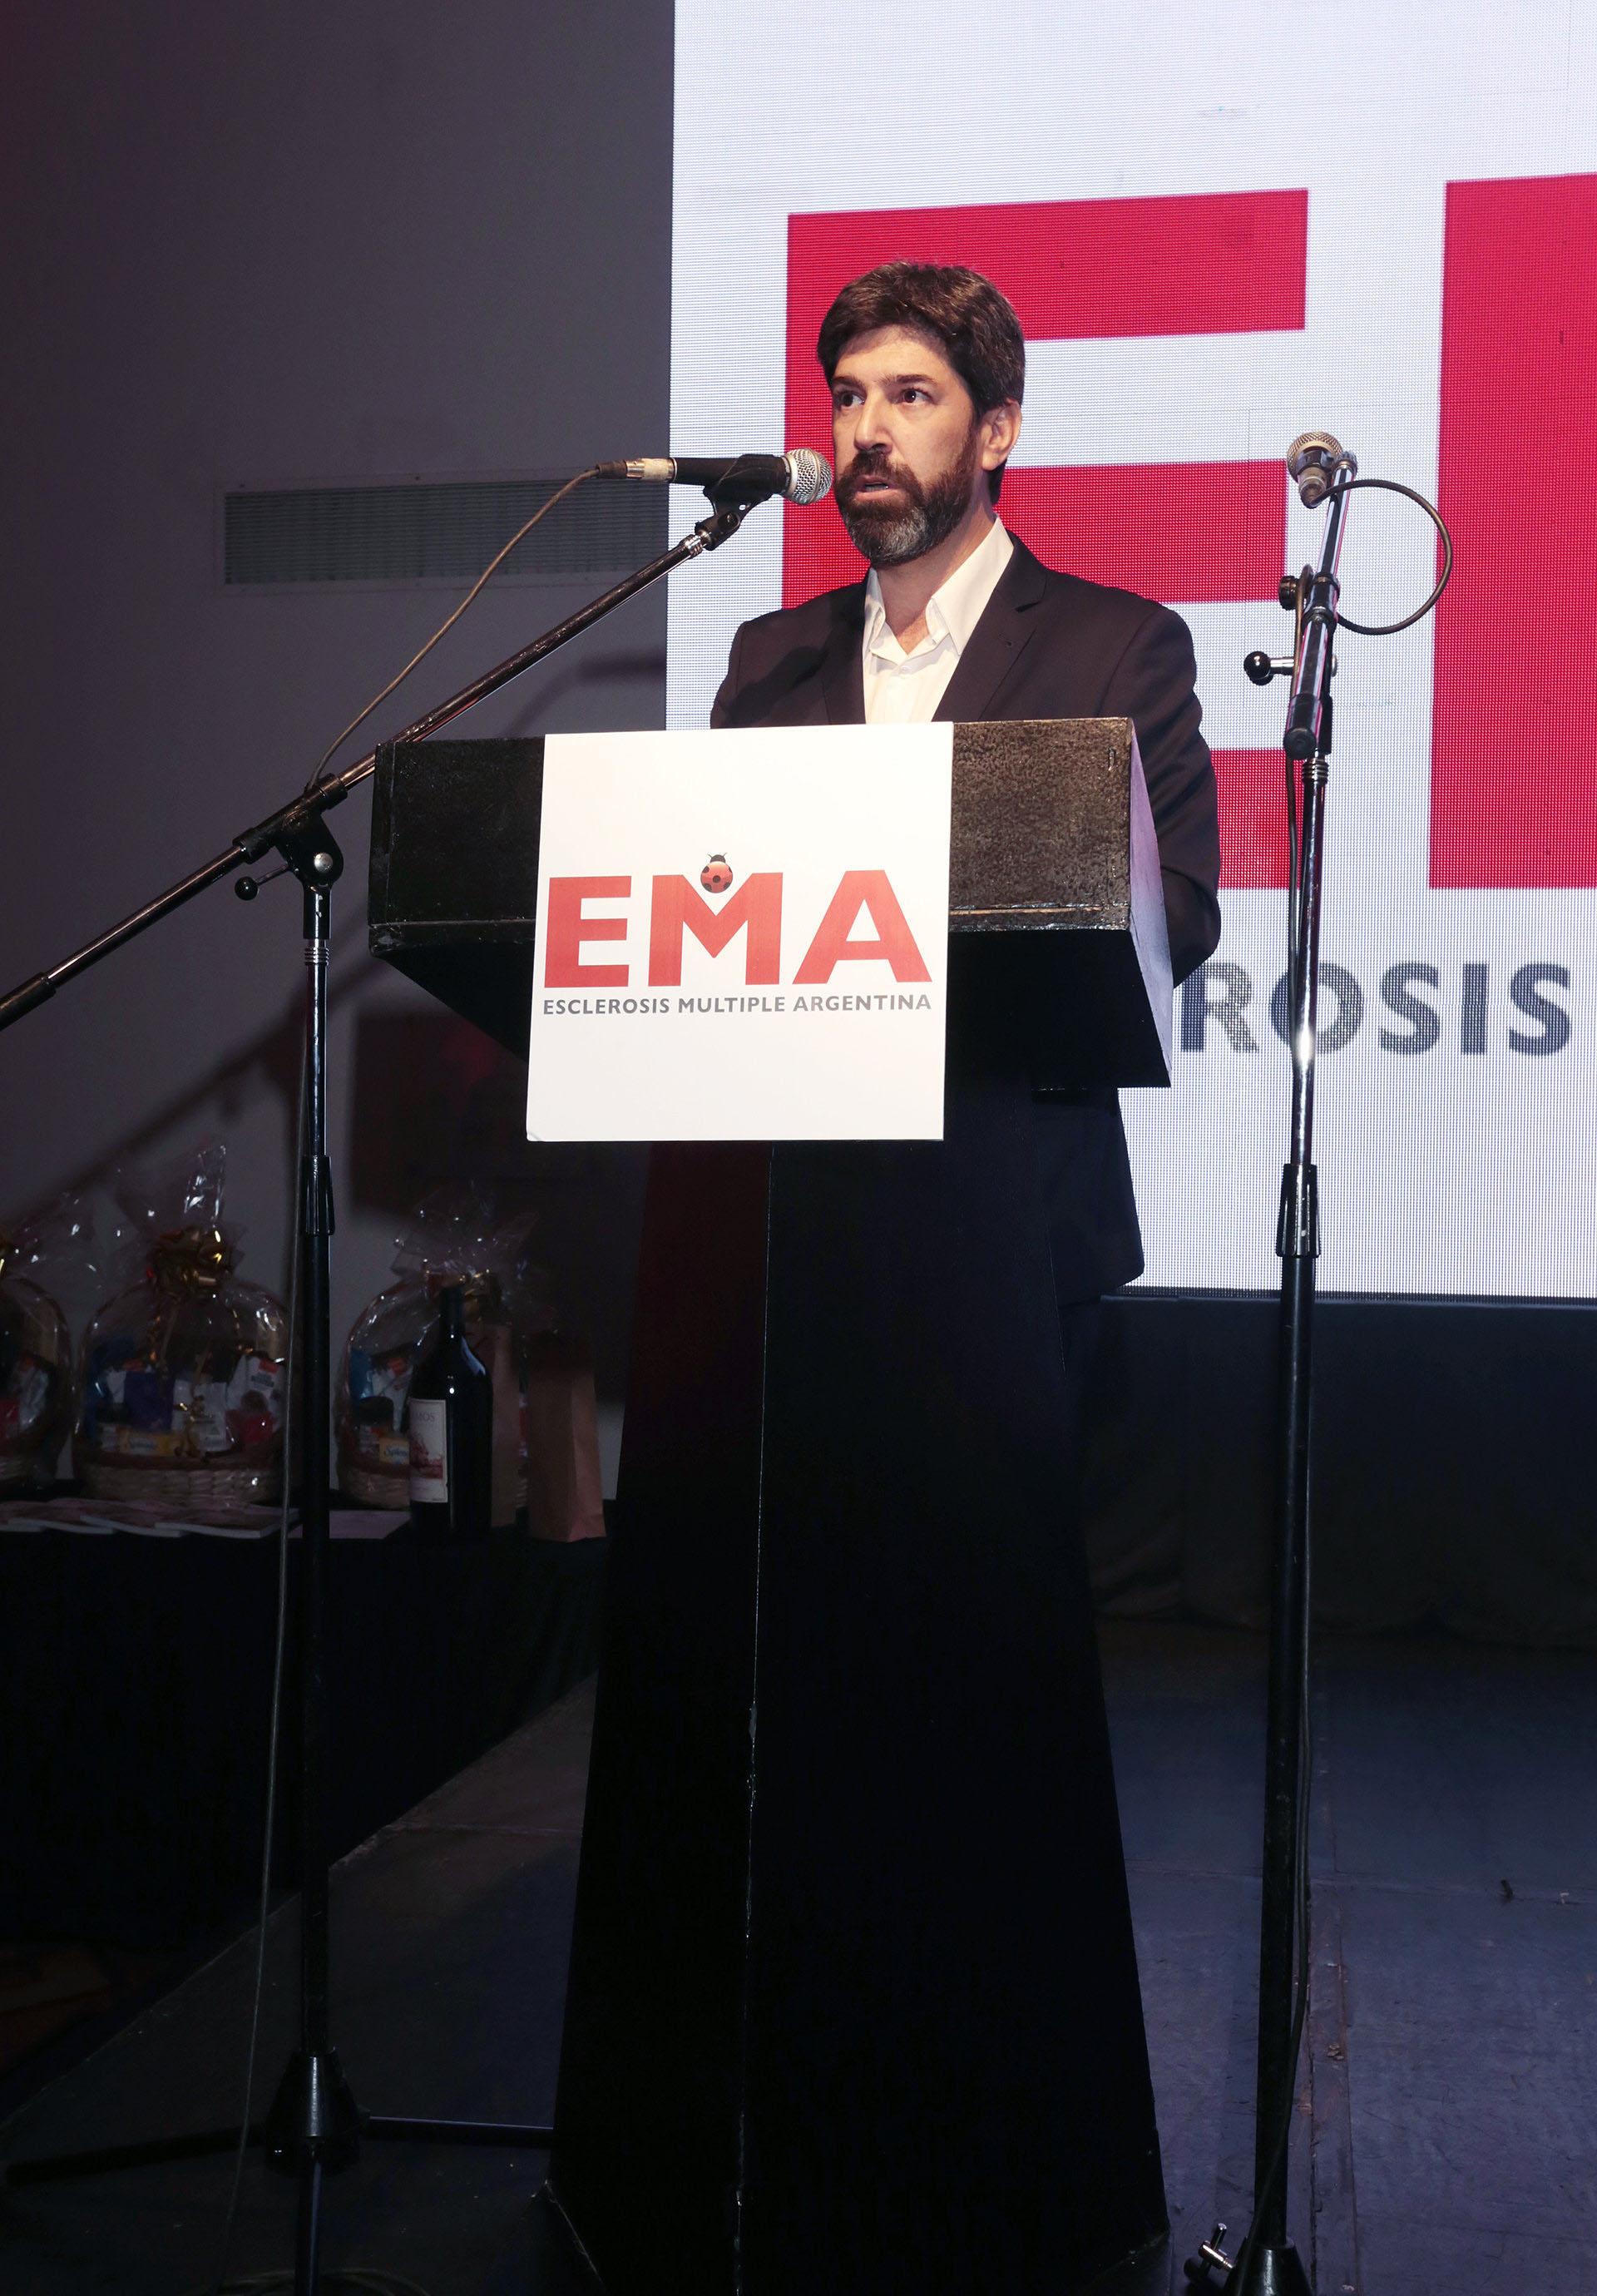 El presidente de Esclerosis Múltiple Argentina (EMA), Diego Zito, durante su discurso en el evento que reunió a más de 500 comensales. La entidad busca mejorar la calidad de vida de las personas con esclerosis múltiple